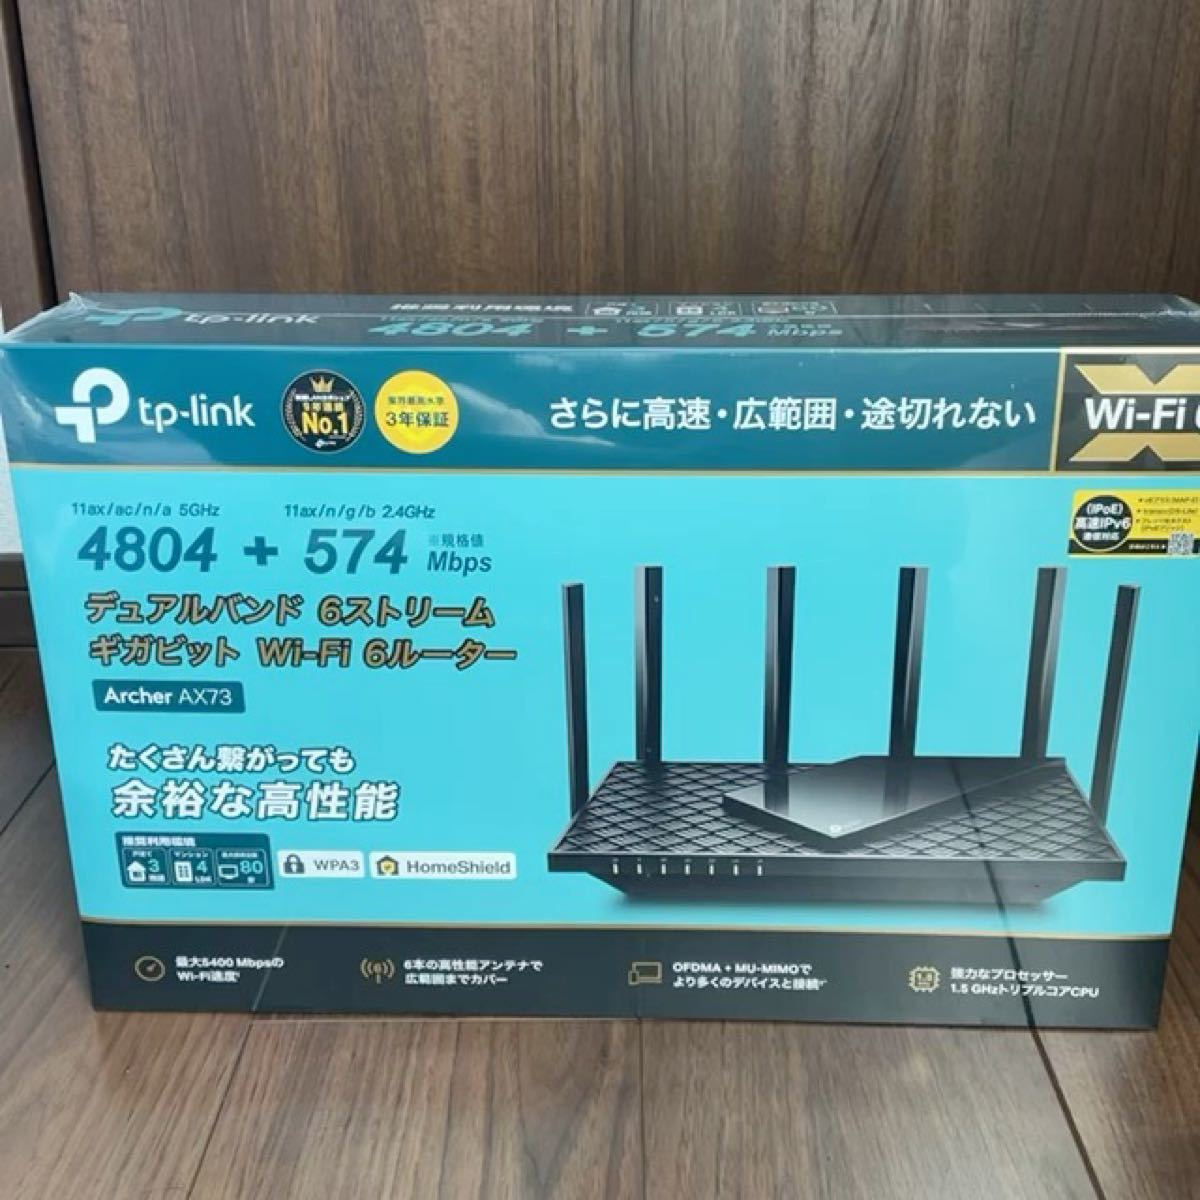 【新品未開封】TP-Link Archer AX73 AX5400 デュアルバンド ギガビット Wi-Fi 6ルーター 三年保証付